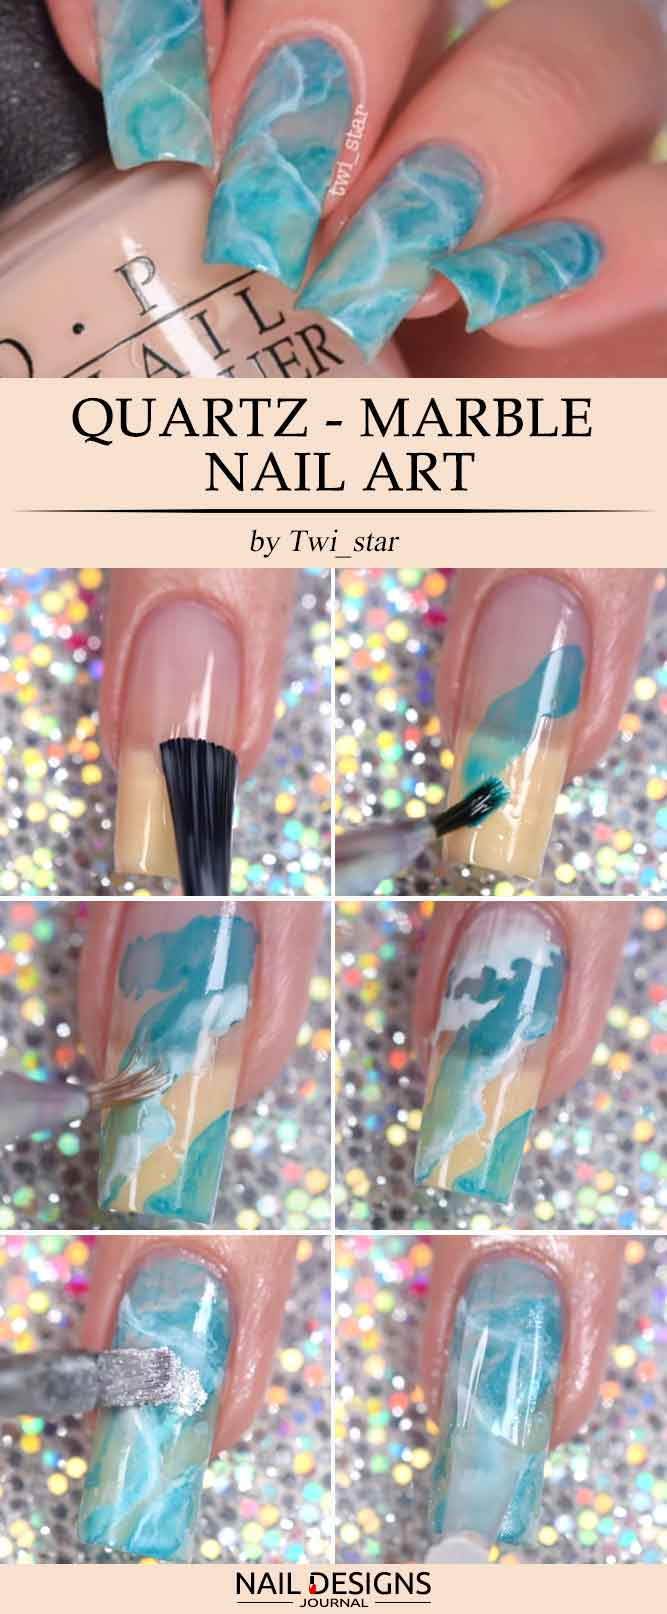 Quartz Marble Nails Art picture 1